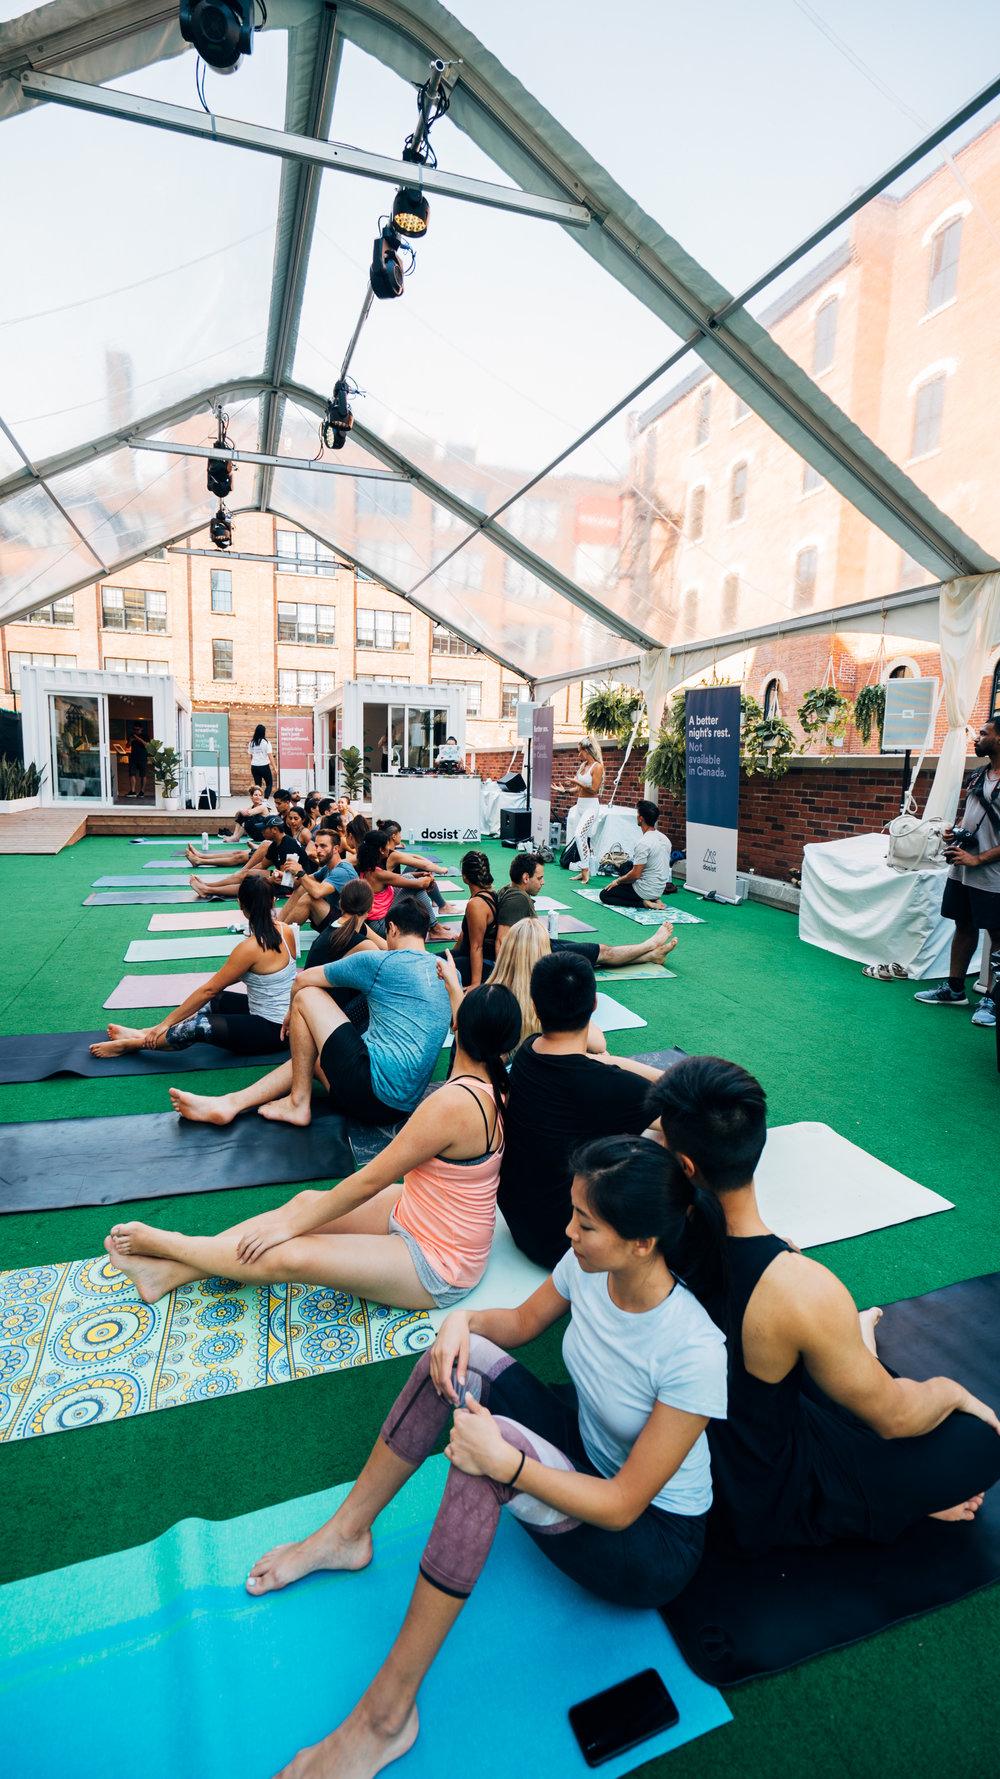 toronto-acro-yoga-buddhas.jpg